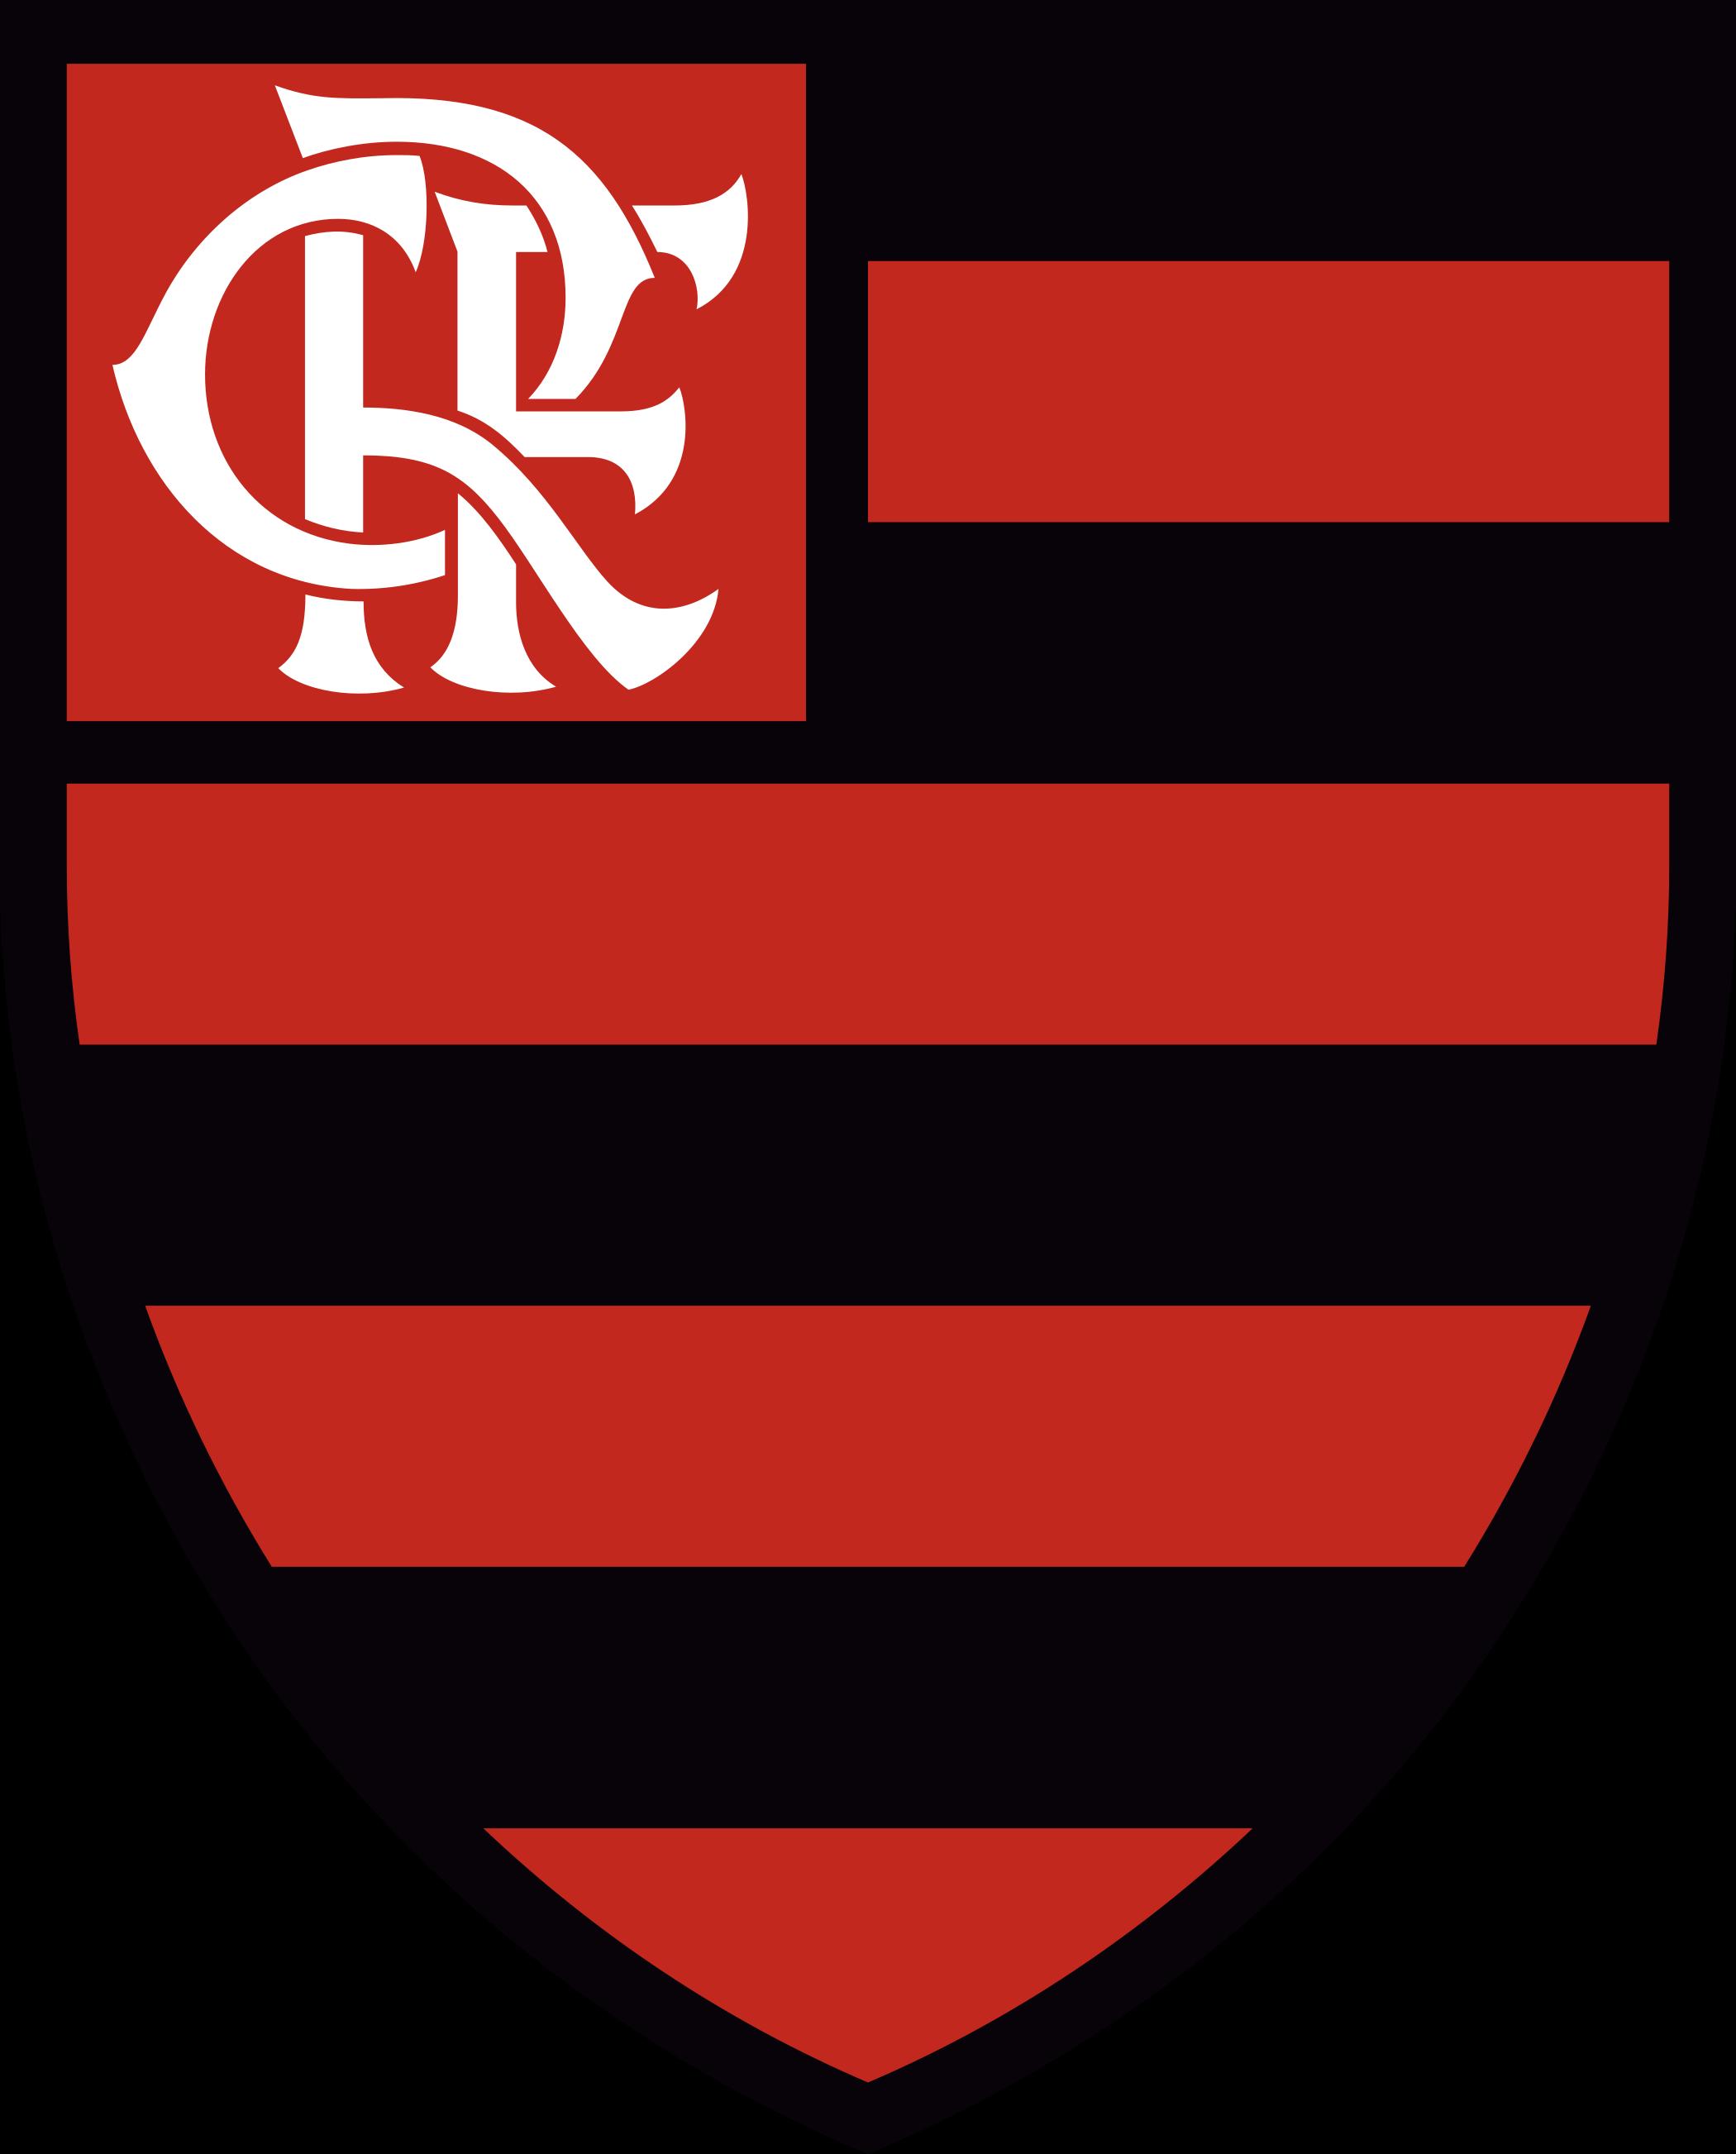 flamengo logo escudo novo 1 - Flamengo Logo - Escudo